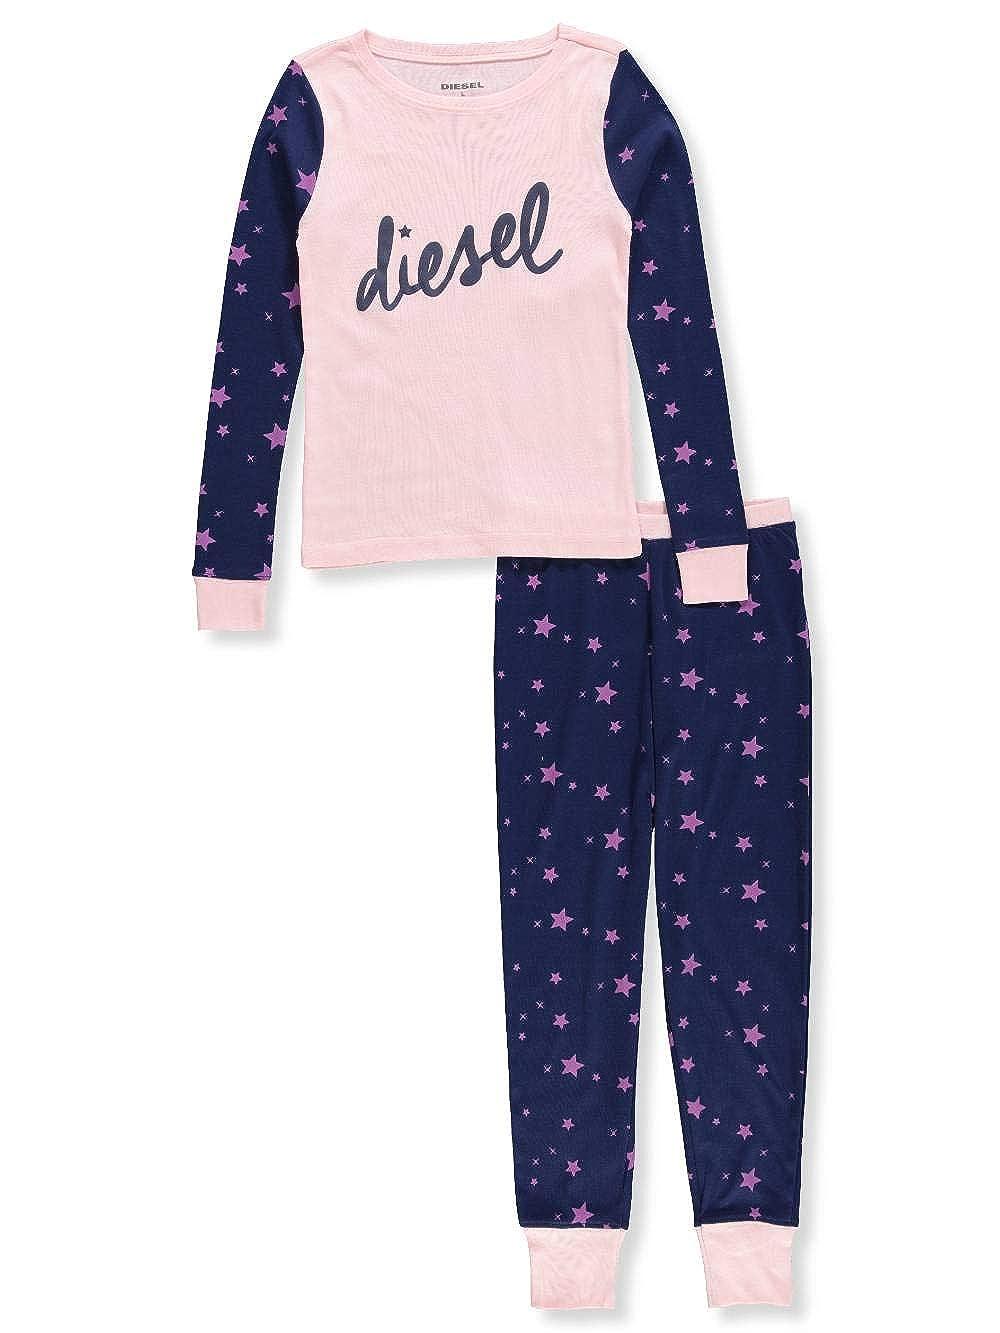 Diesel Girls' 2-Piece Pajama Pant Set